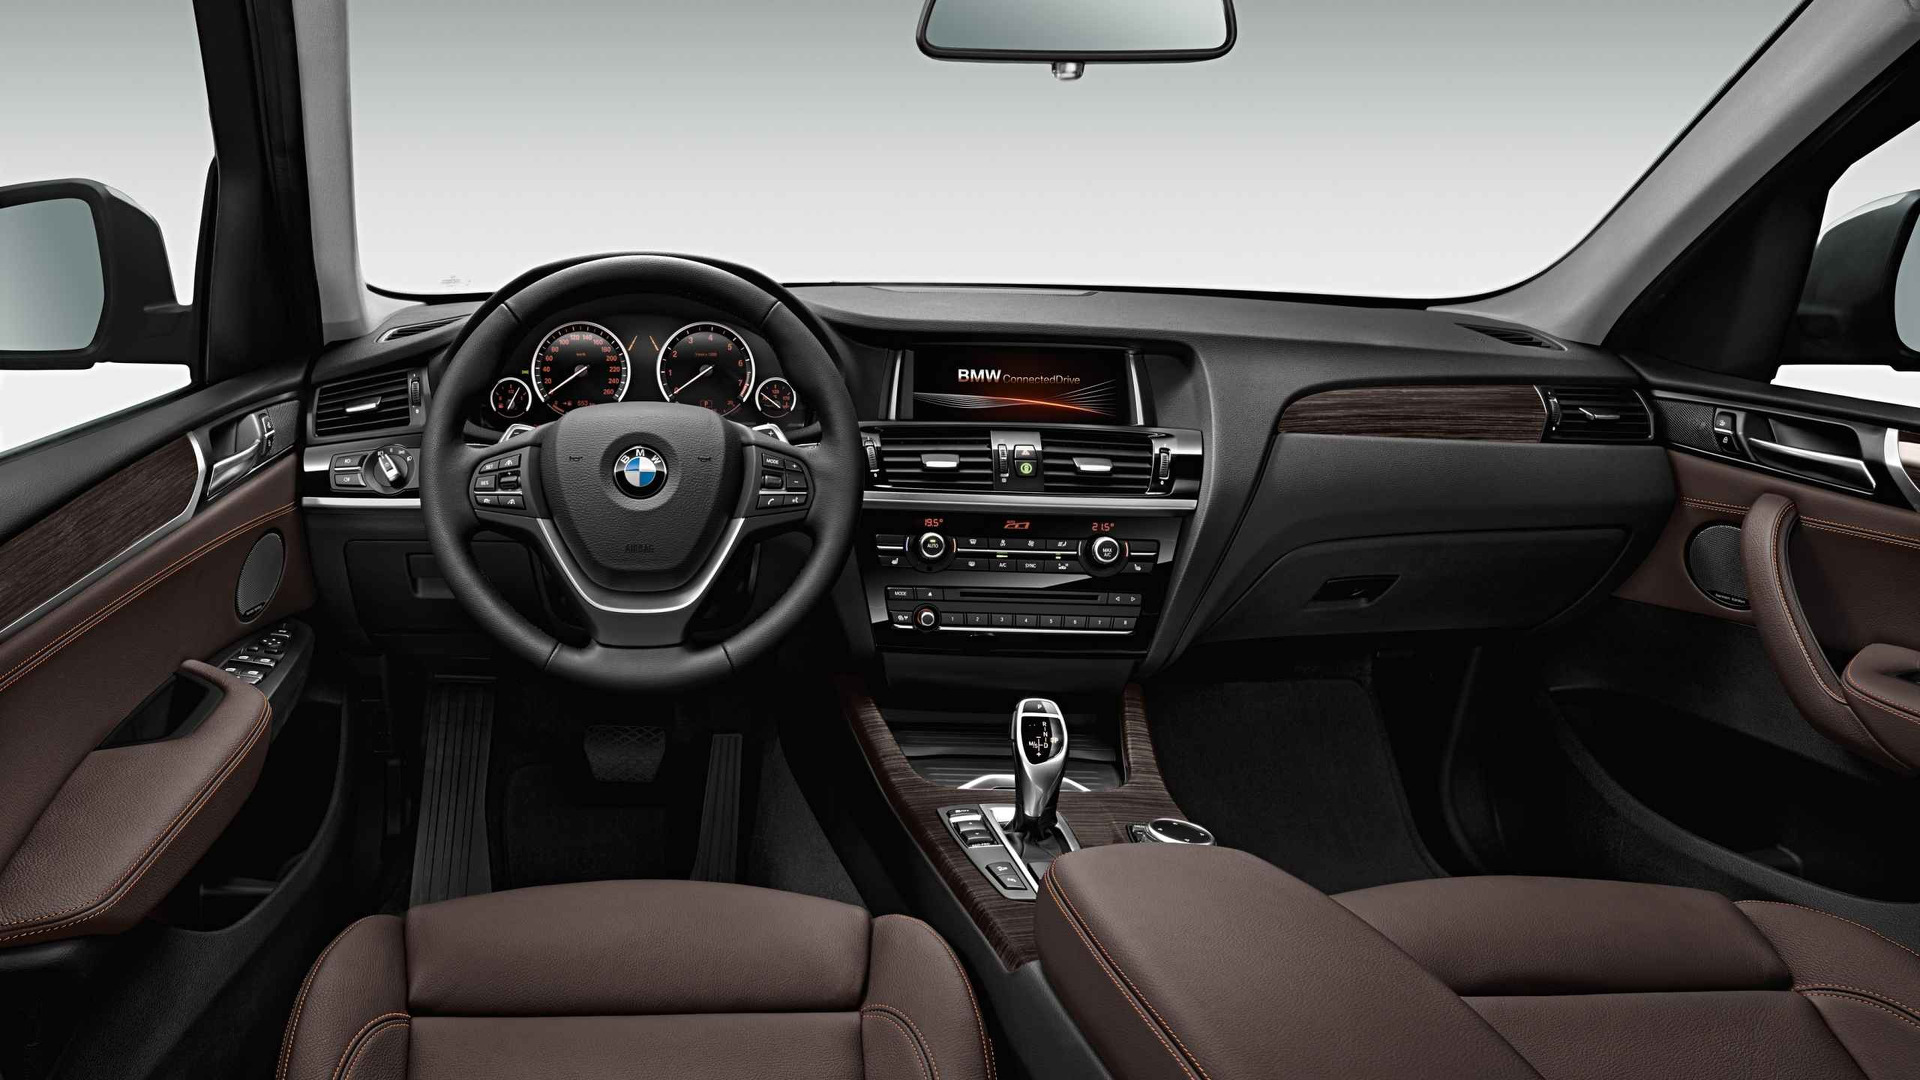 2015 Bmw X3 Review Rewarding Drive